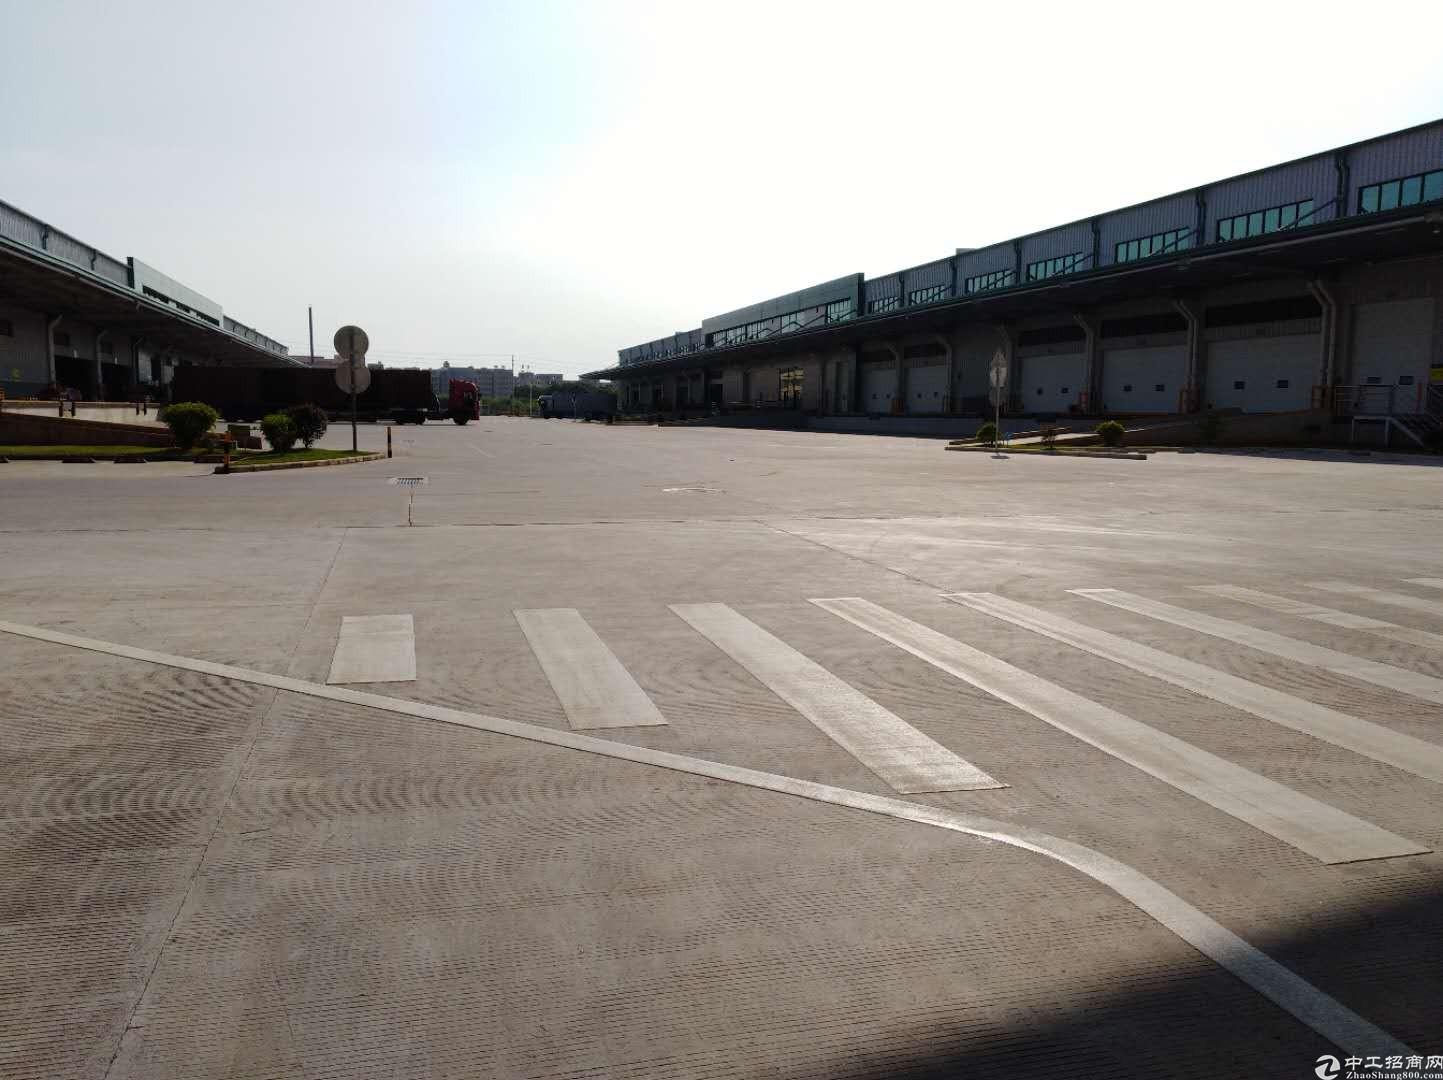 深圳盐田新出原房东高标物流仓6500平带卸货平台丙二类消防